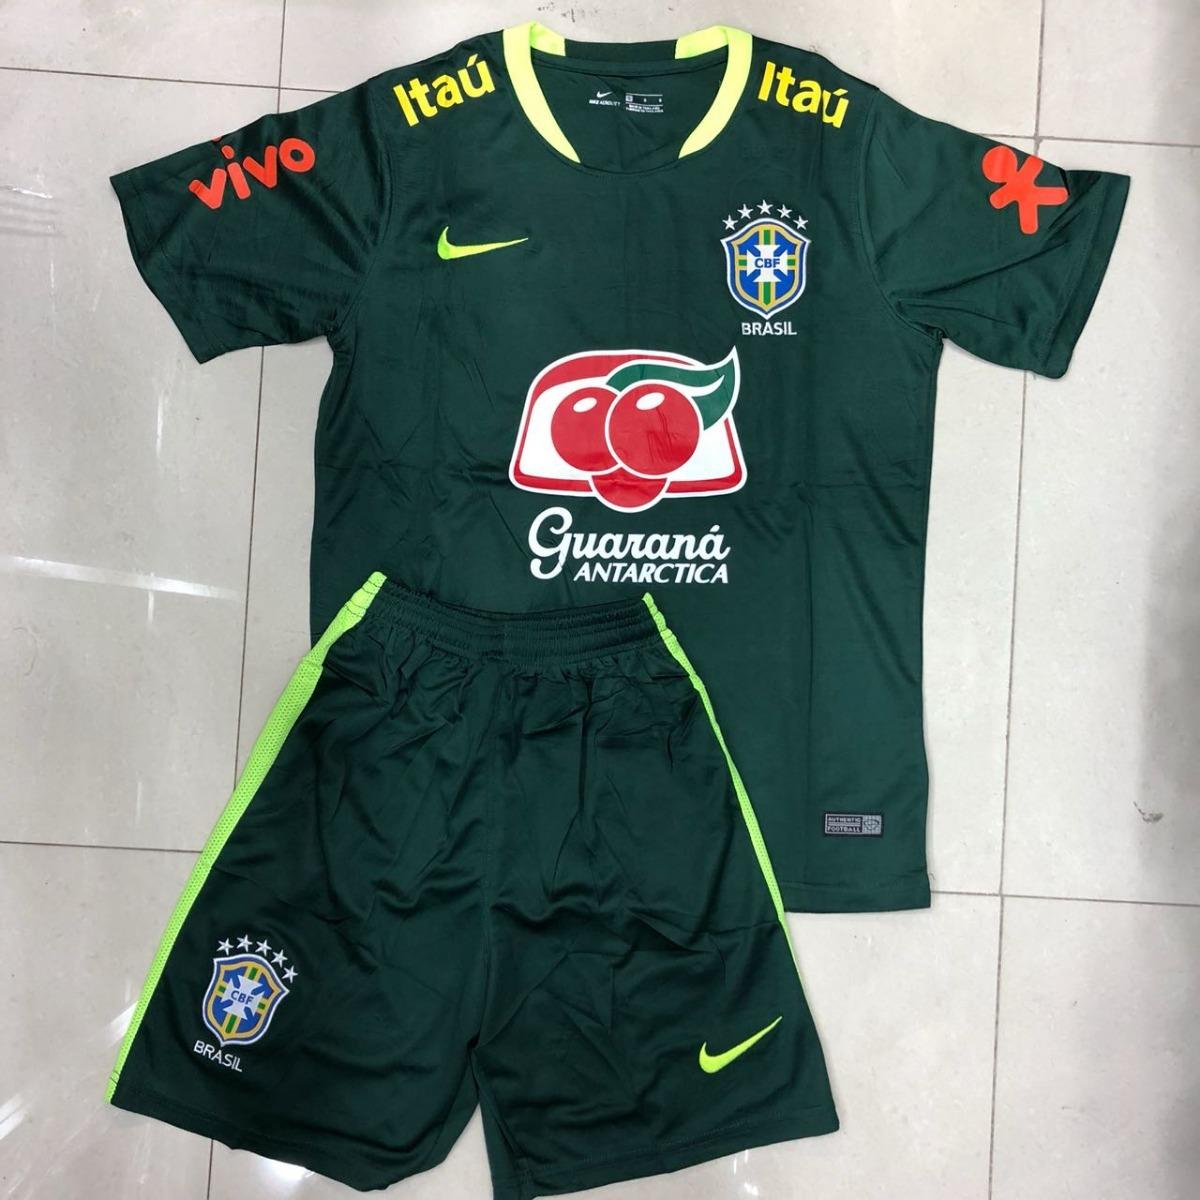 0d1d3f1601 conjunto de treino seleção brasileira oficial nike adulto. Carregando zoom.